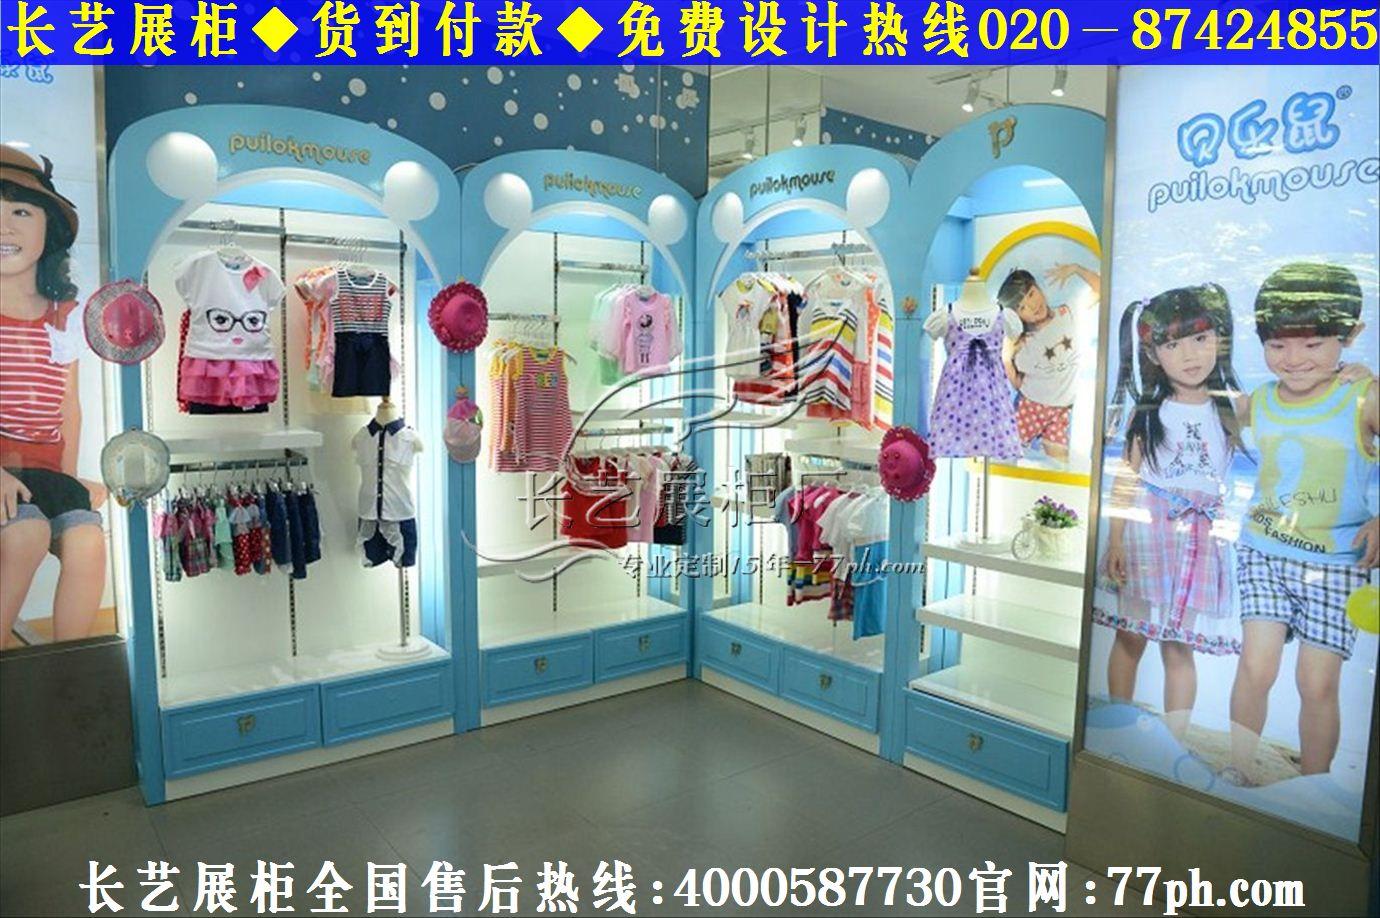 创意母婴店装修效果图大全个性母婴用品货架图片1210